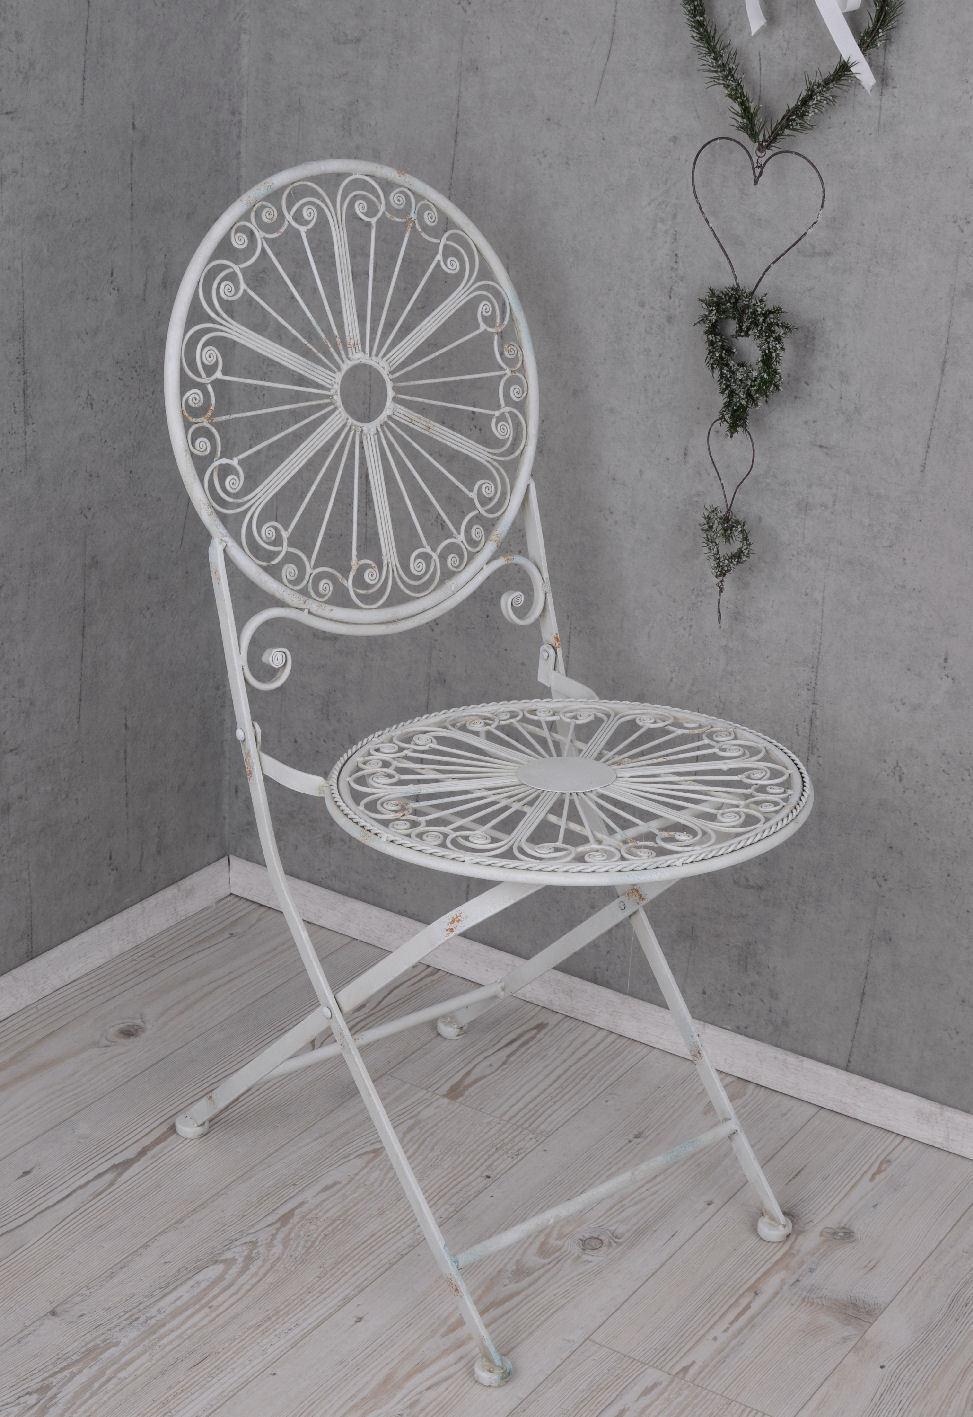 Eisenstuhl Shabby Garten Klappstuhl Stuhl Weiss Eisen Gartenstuhl Gartenstuhl Gartenstuhl Balkonstuhl 095b30